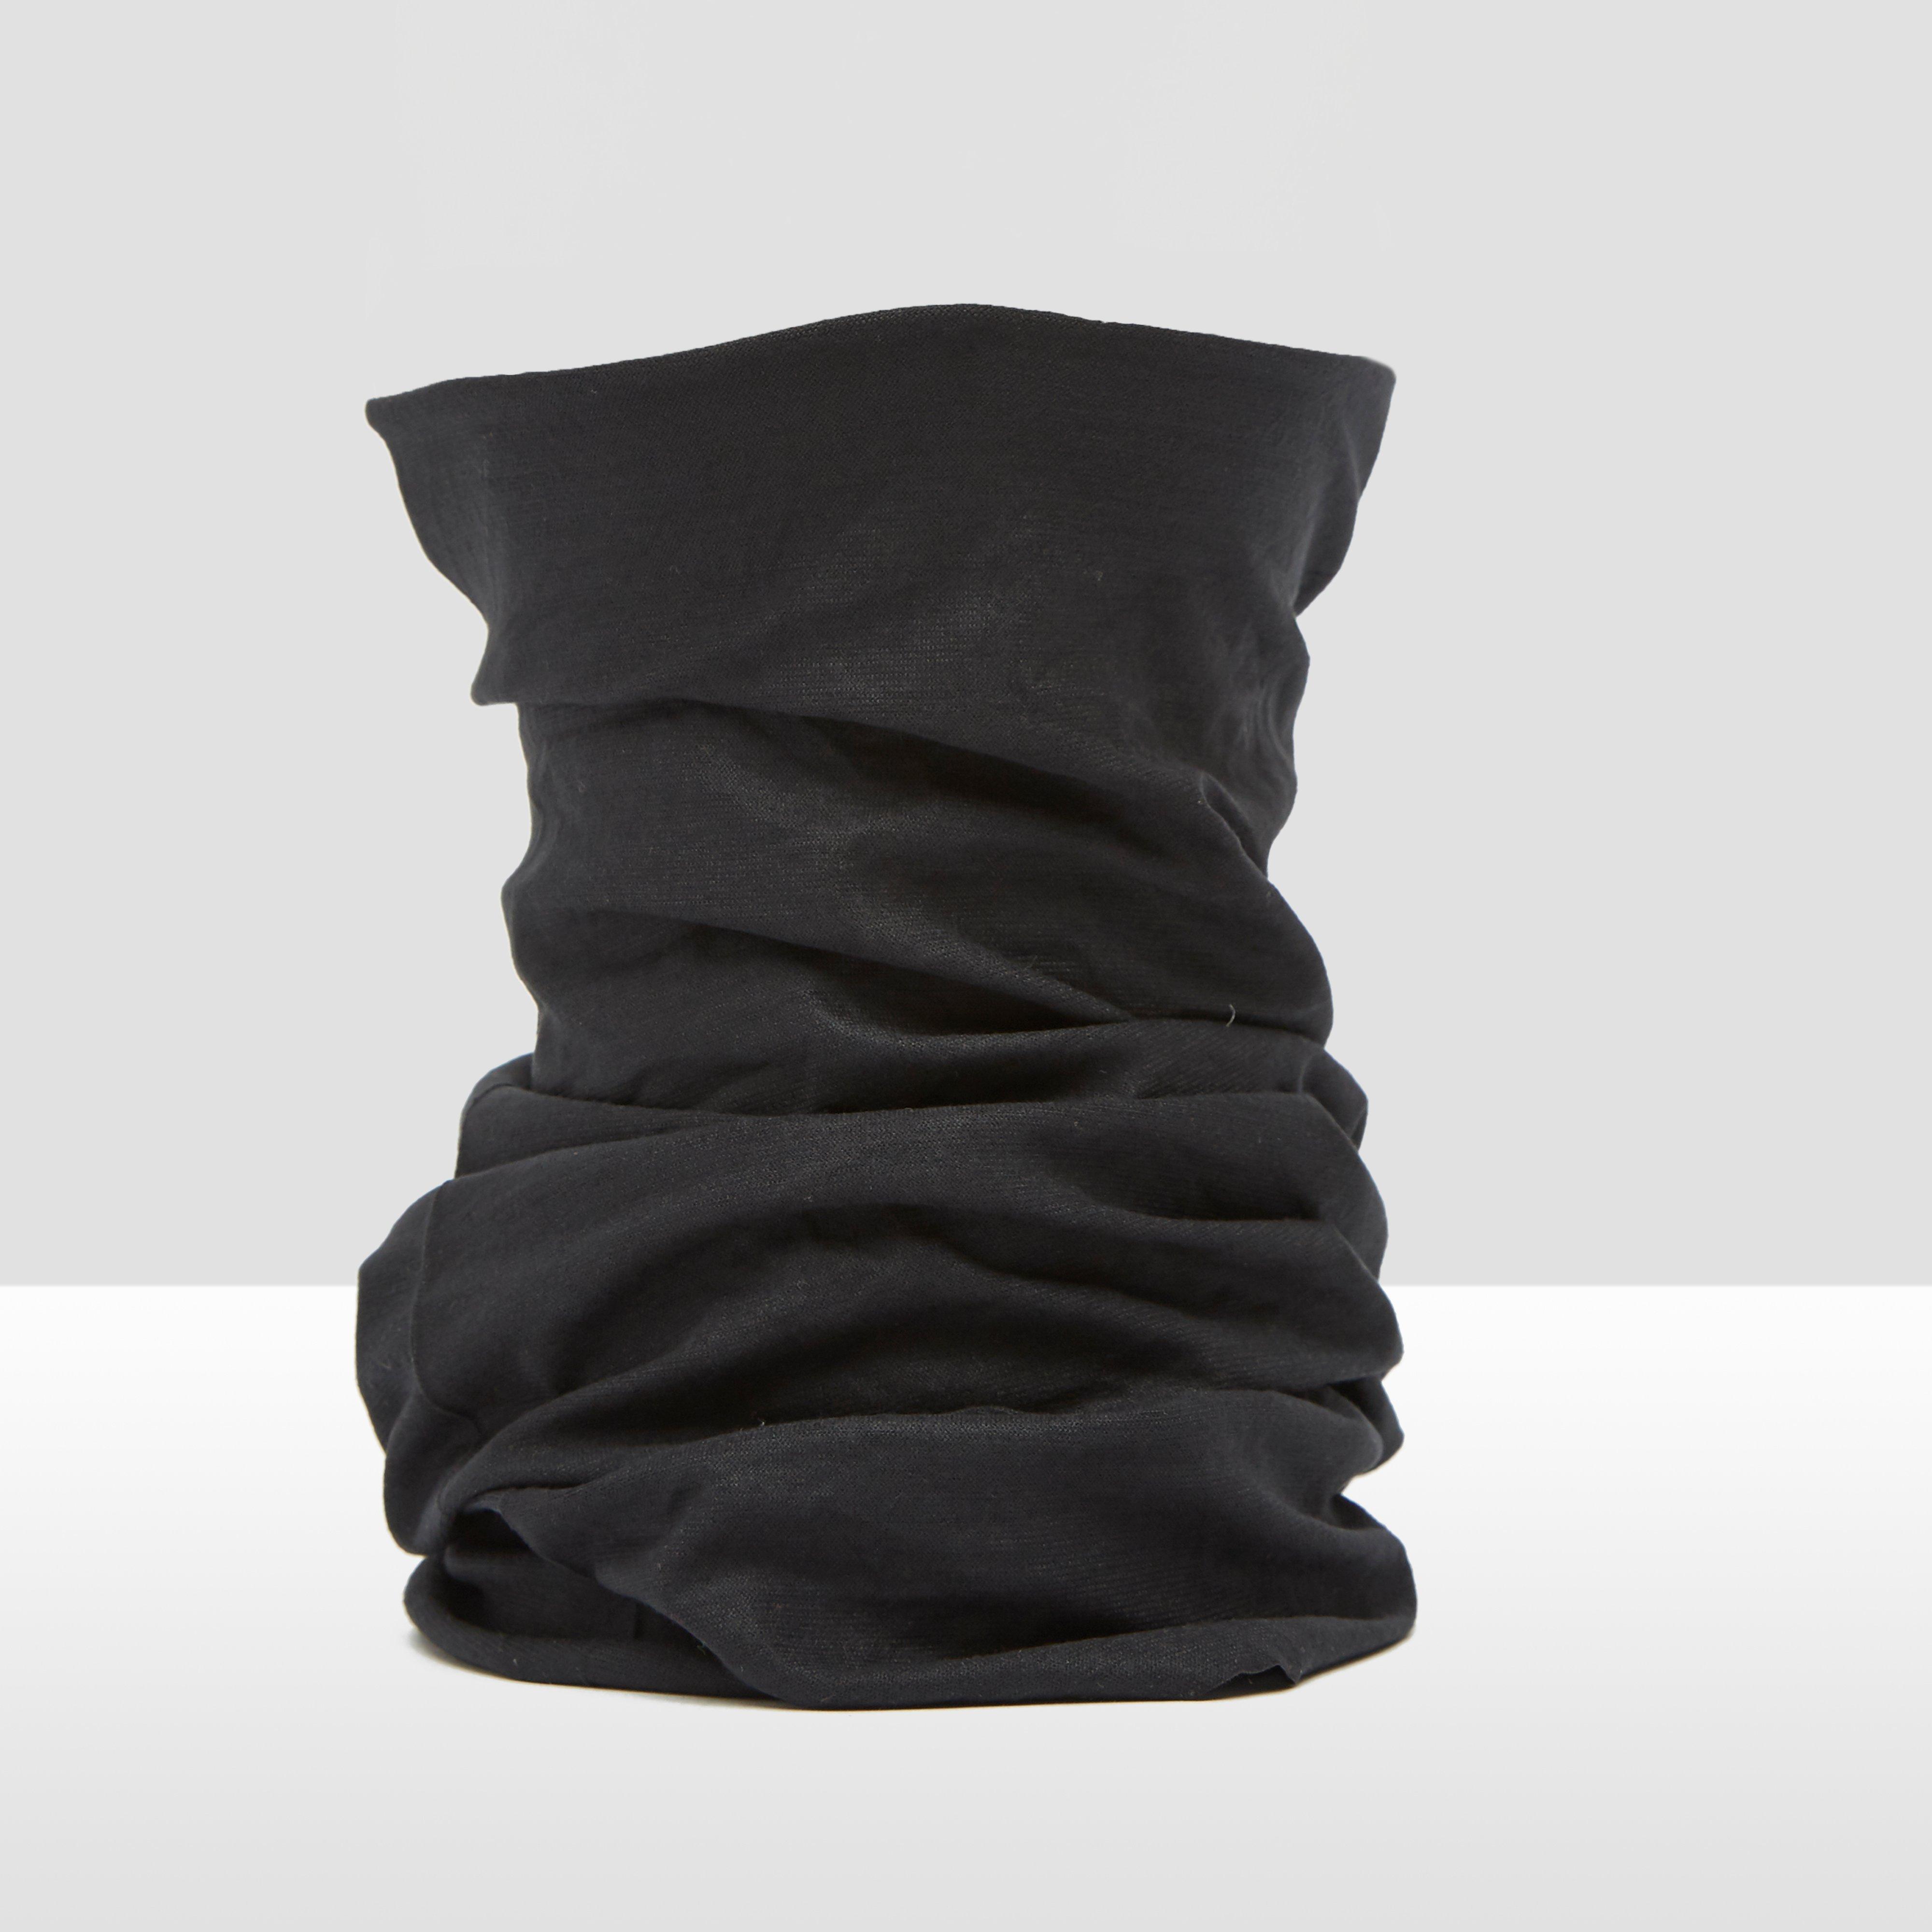 BUFF ORIGINAL XL HEADWEAR ZWART